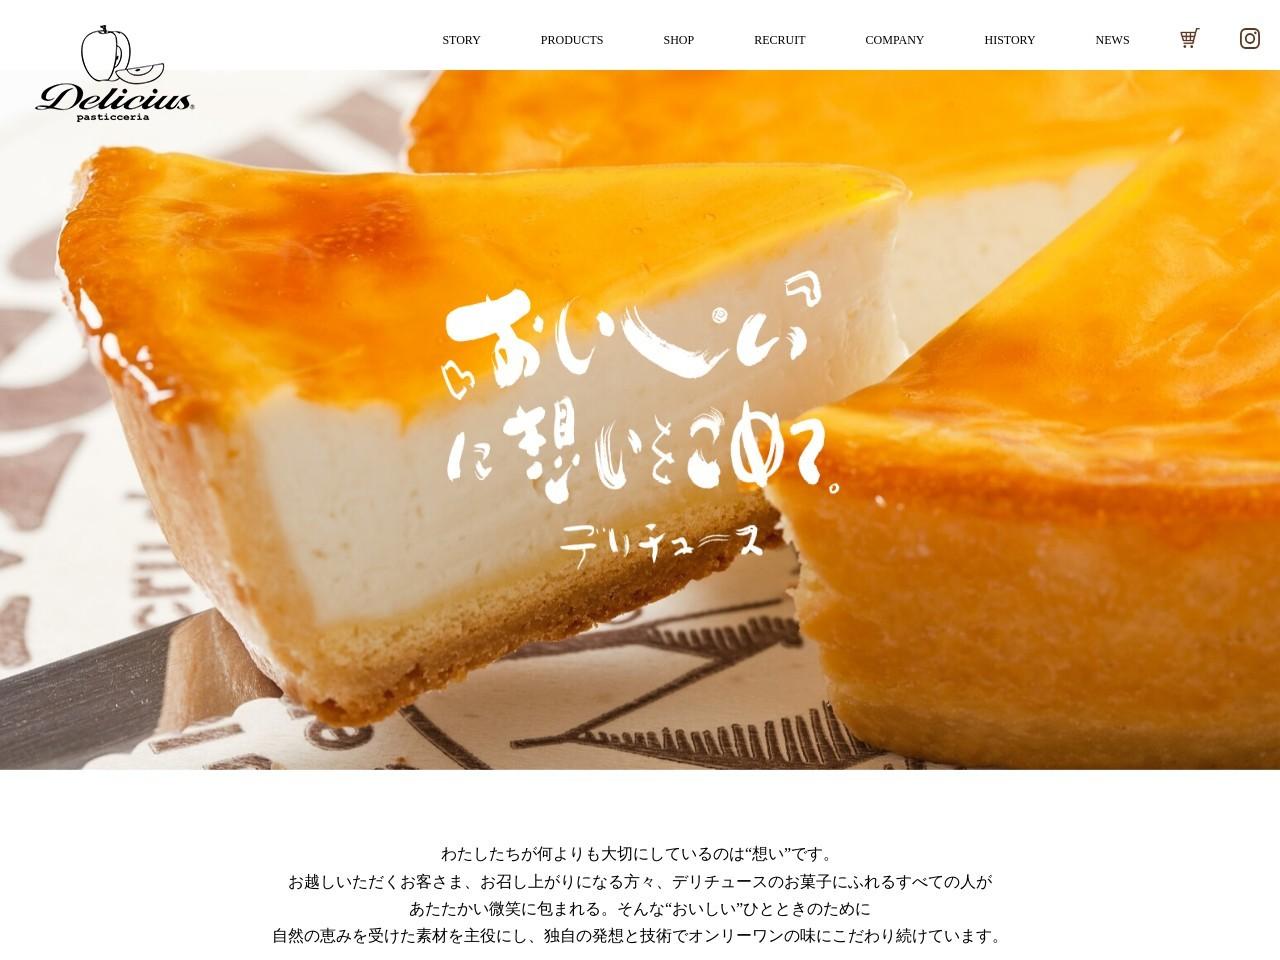 デリチュース大阪店